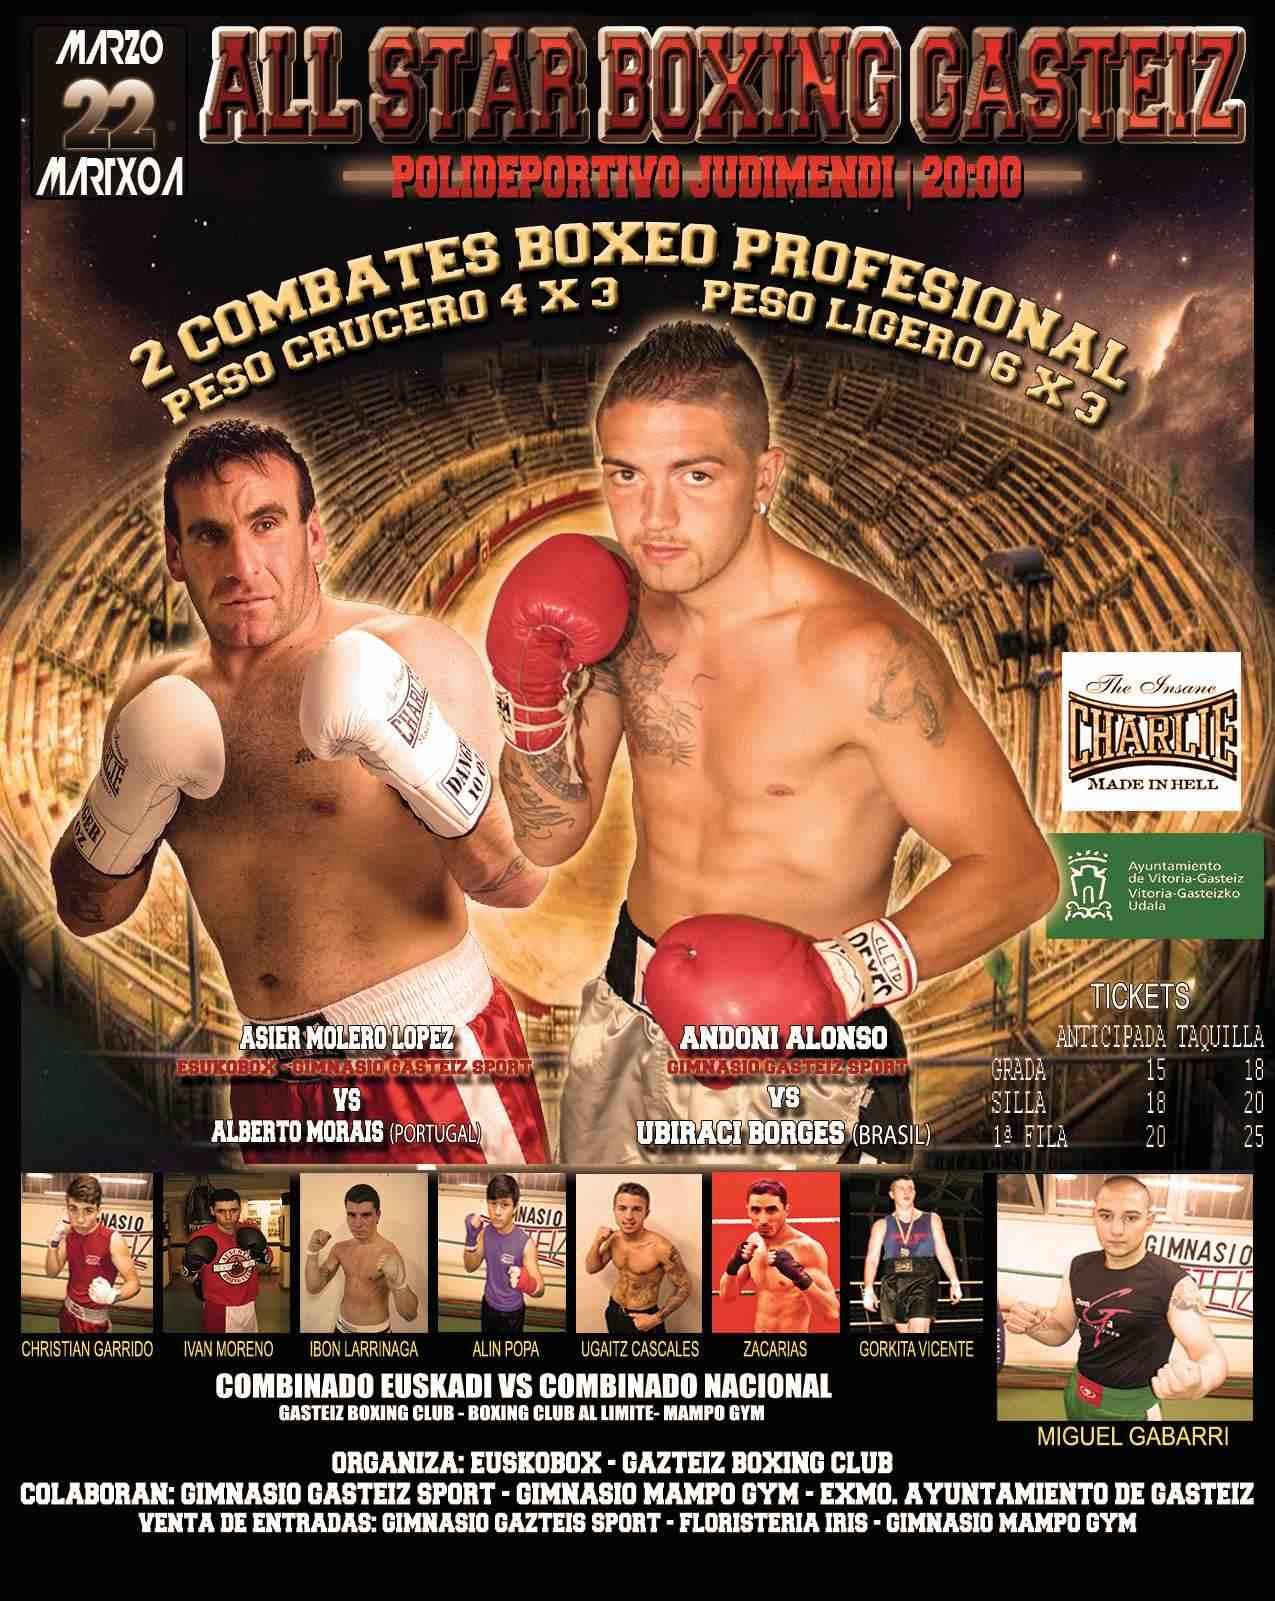 Caltel del atractivo evento boxístico del 22 de marzo en el polideportivo Judimendi de Vitoria-Gasteiz